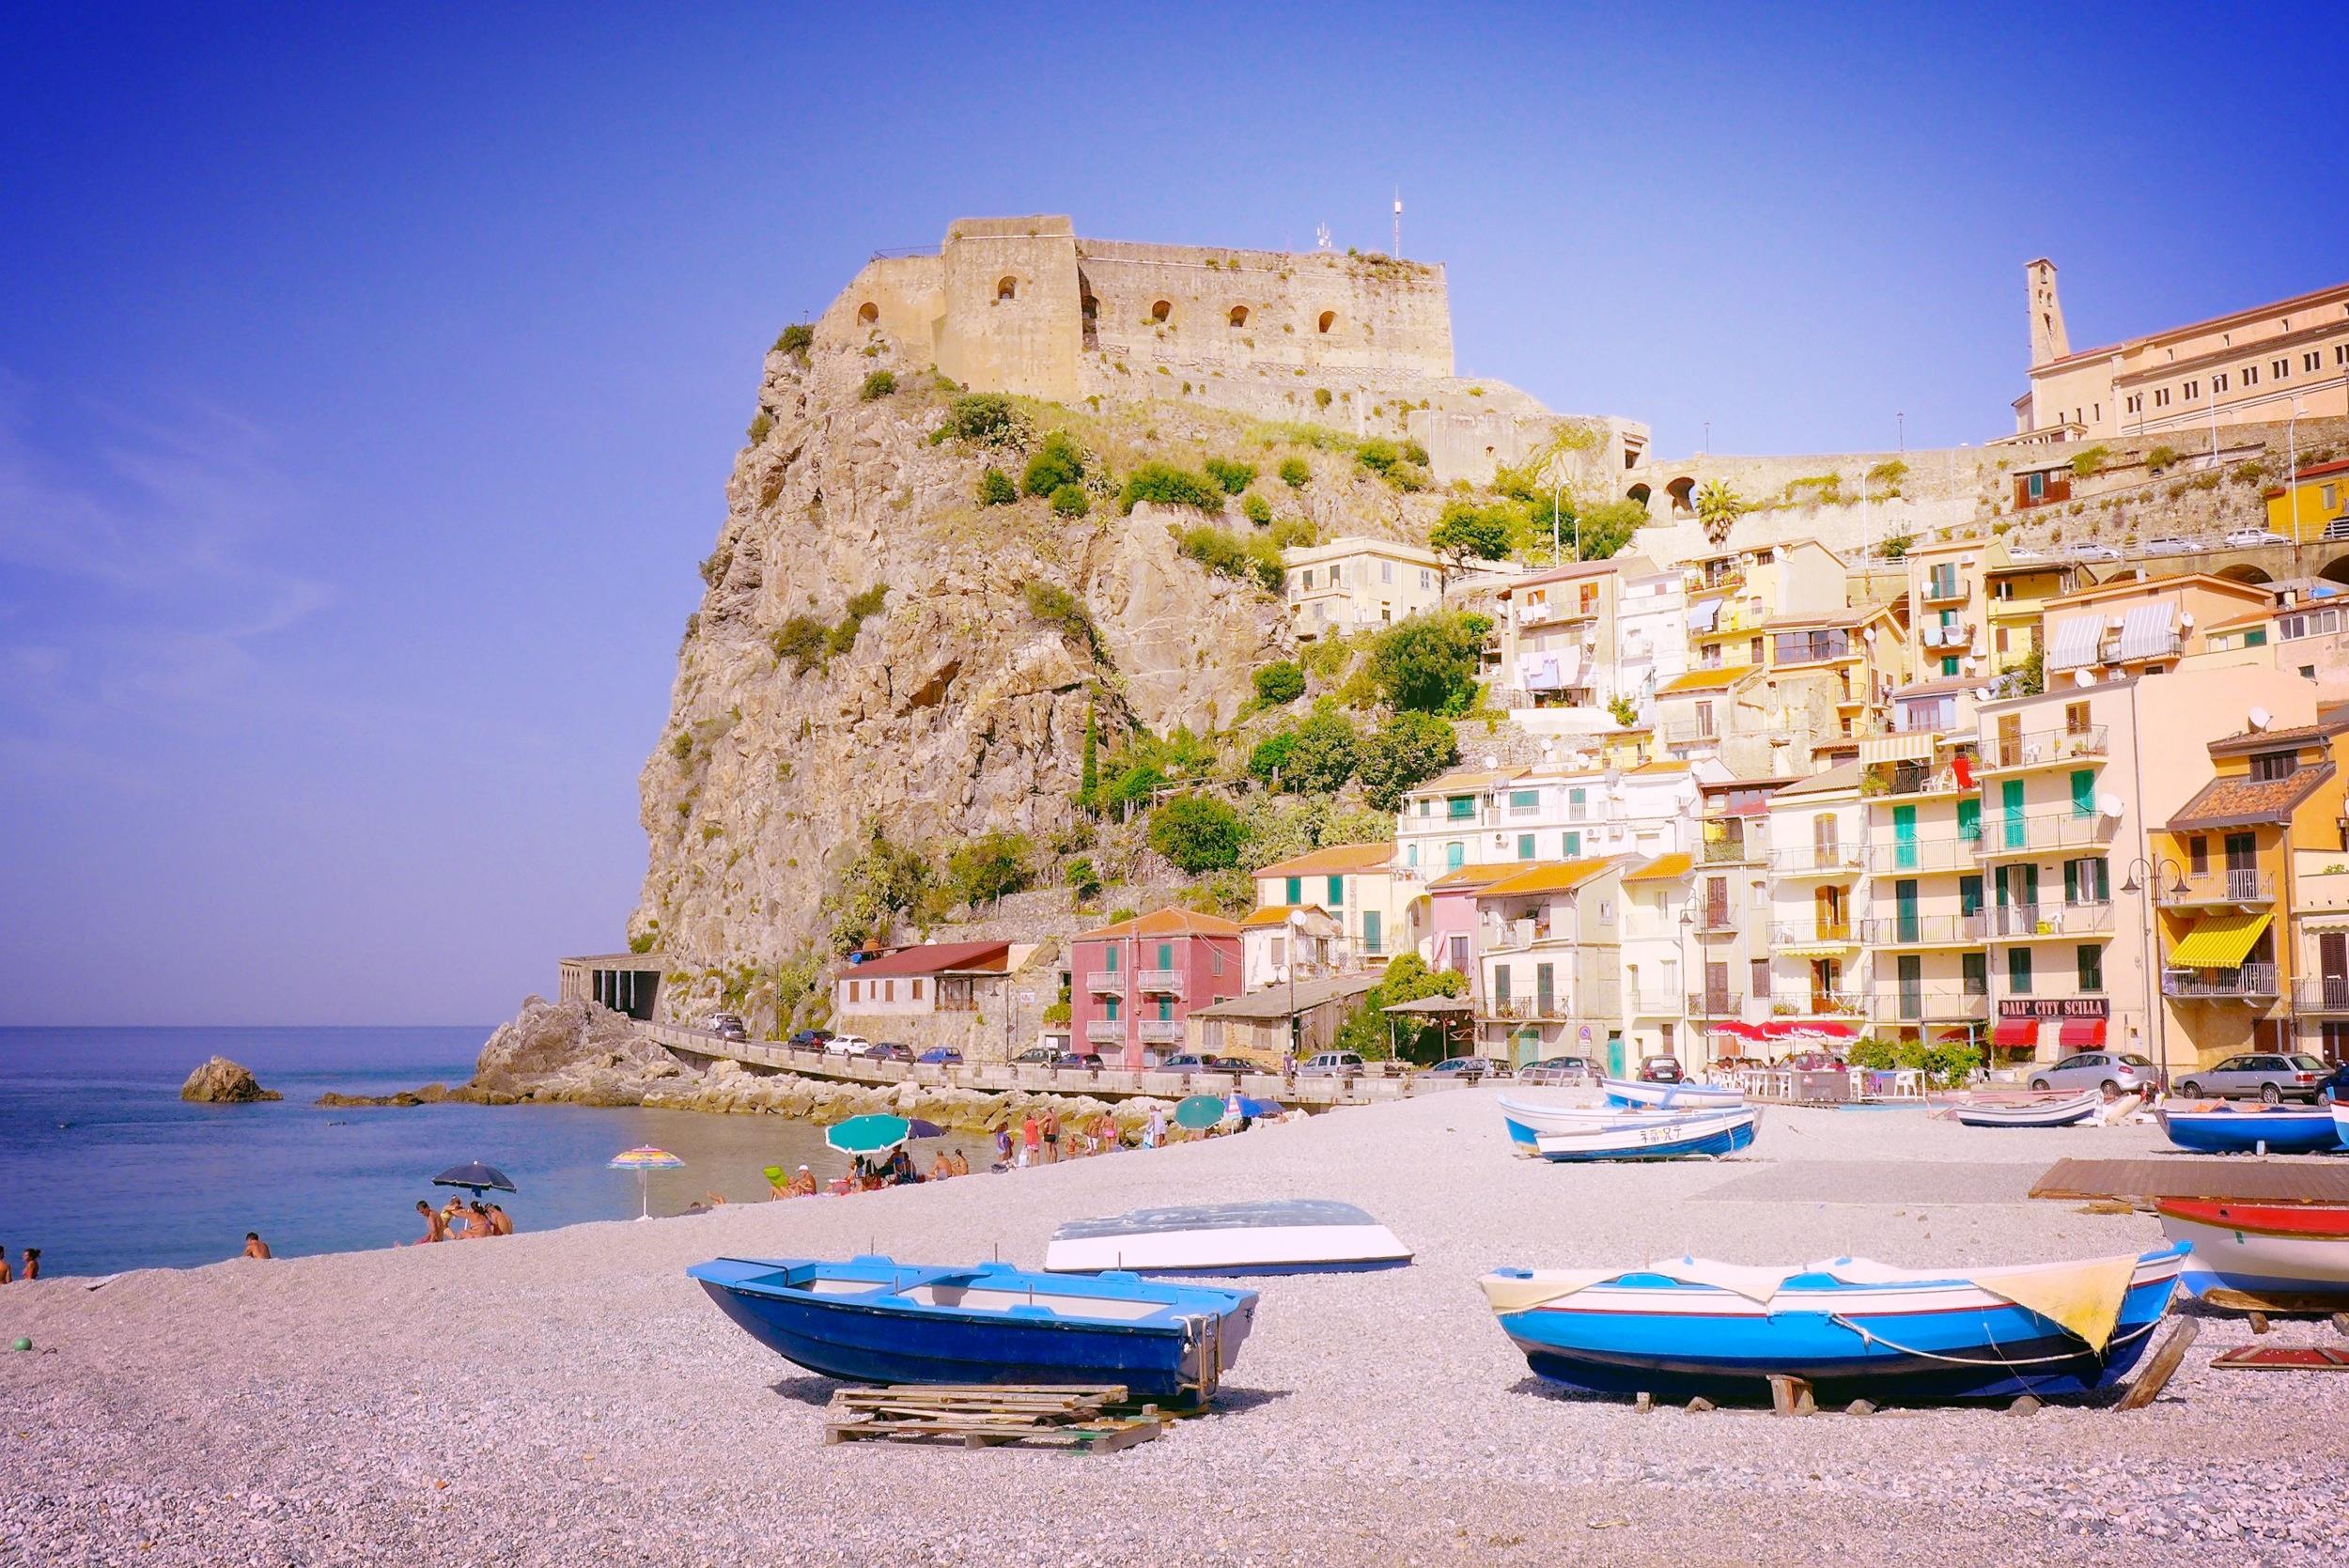 ITALY'S BEST KEPT SECRET -